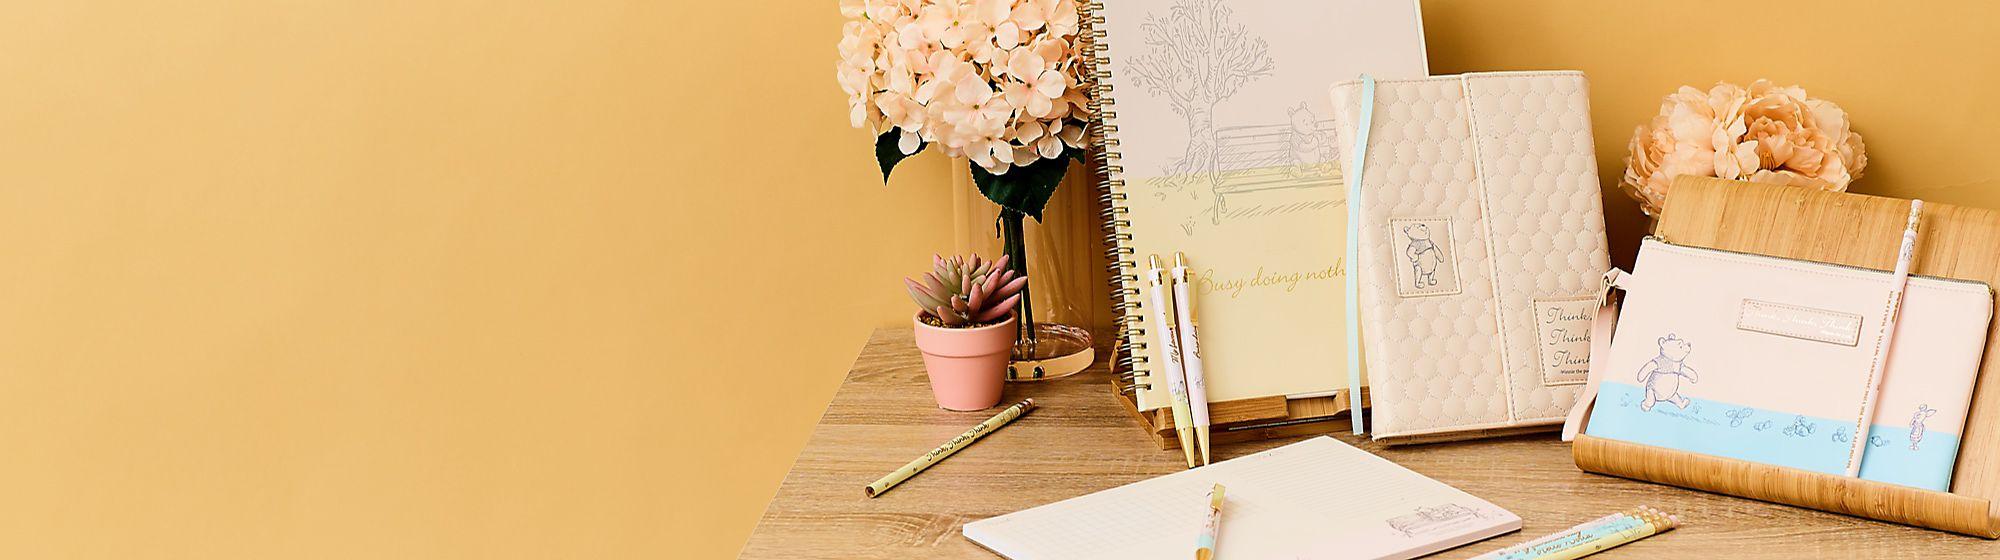 Artículos de papelería Descubre nuestra colección de papelería Disney que incluye cuadernos, bolígrafos y mucho más. COMPRAR